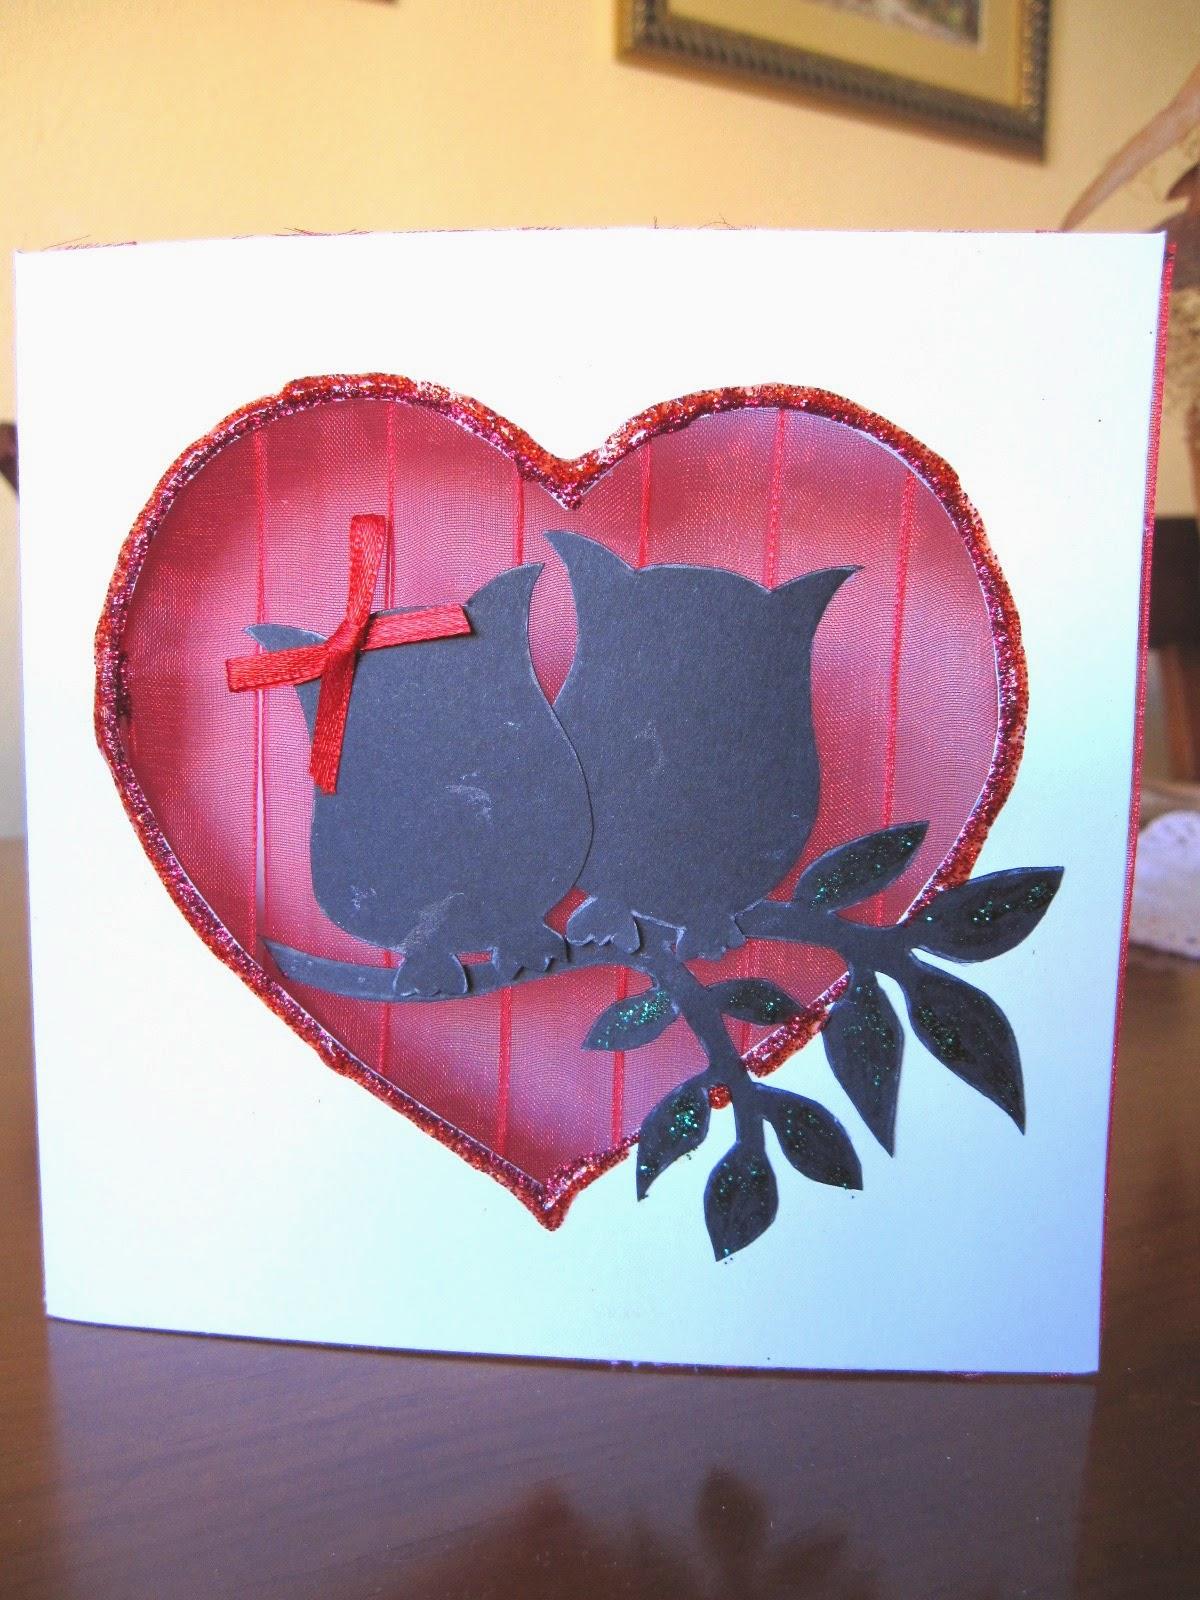 tarjeta de scrapbooking para San Valentín, luna roja con siluetas de búhos enamorados y rama y detalles de glitter glue rojo y verde